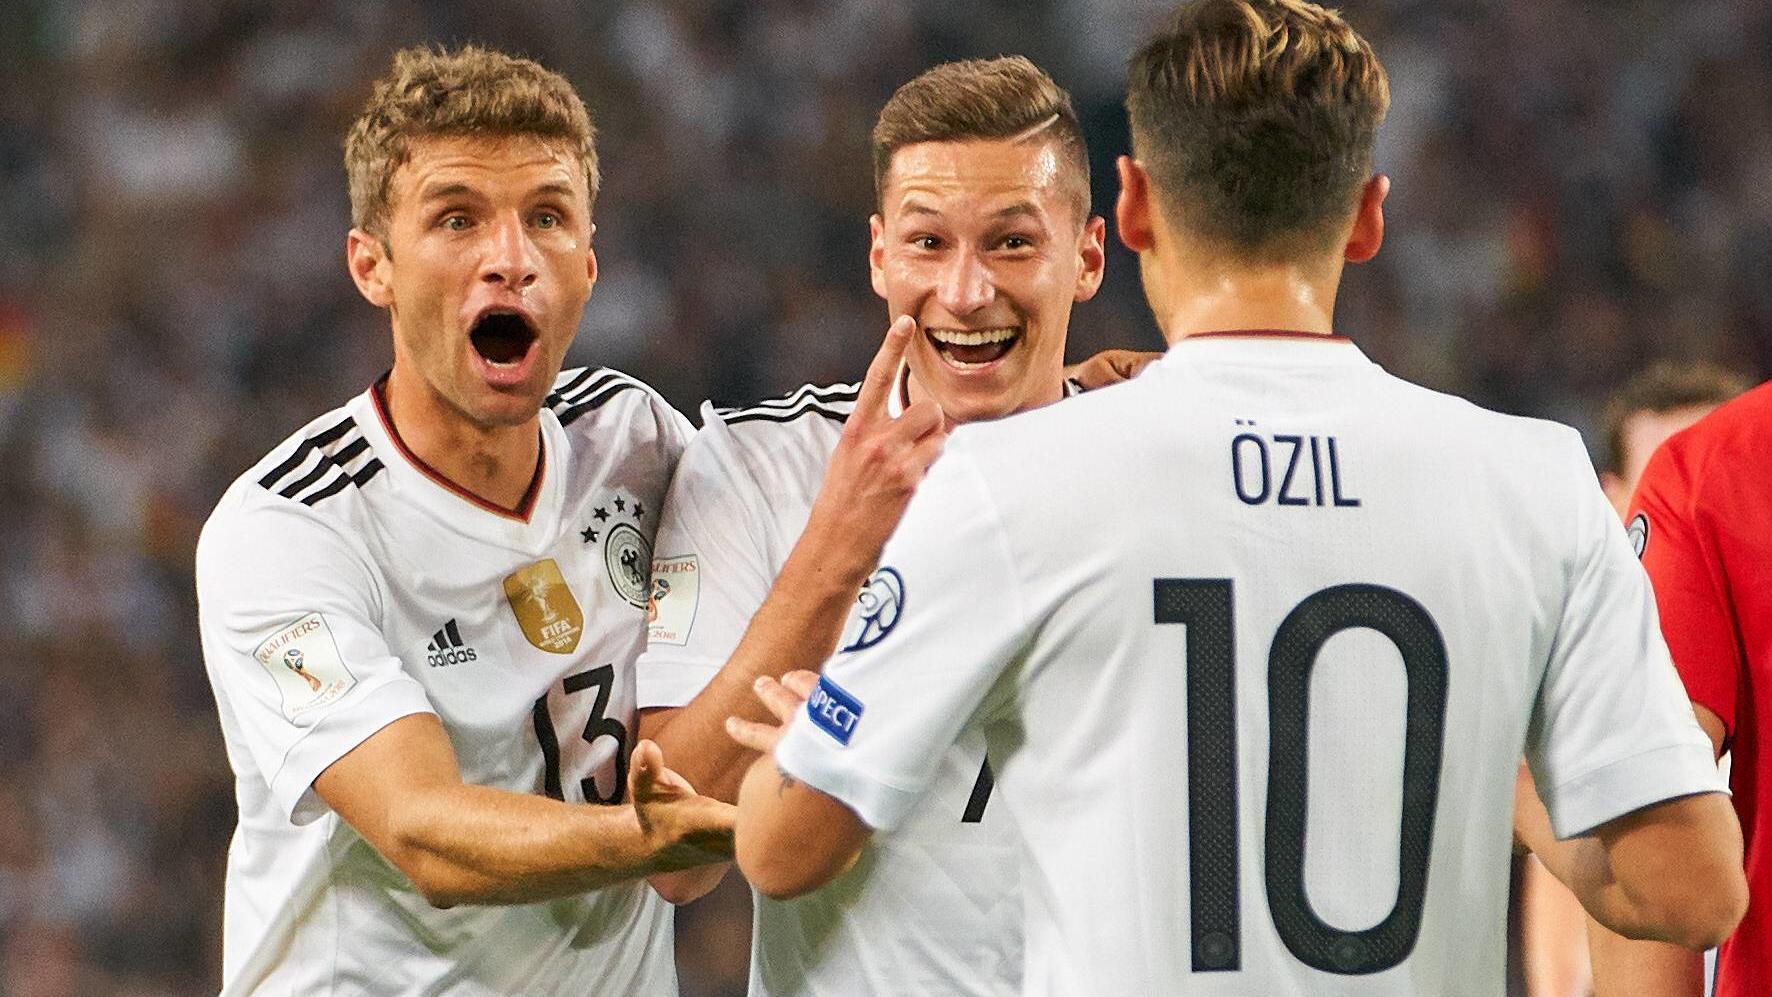 DFB-Spieler bekommen für WM-Titel 2018 jeweils 350.000 Euro